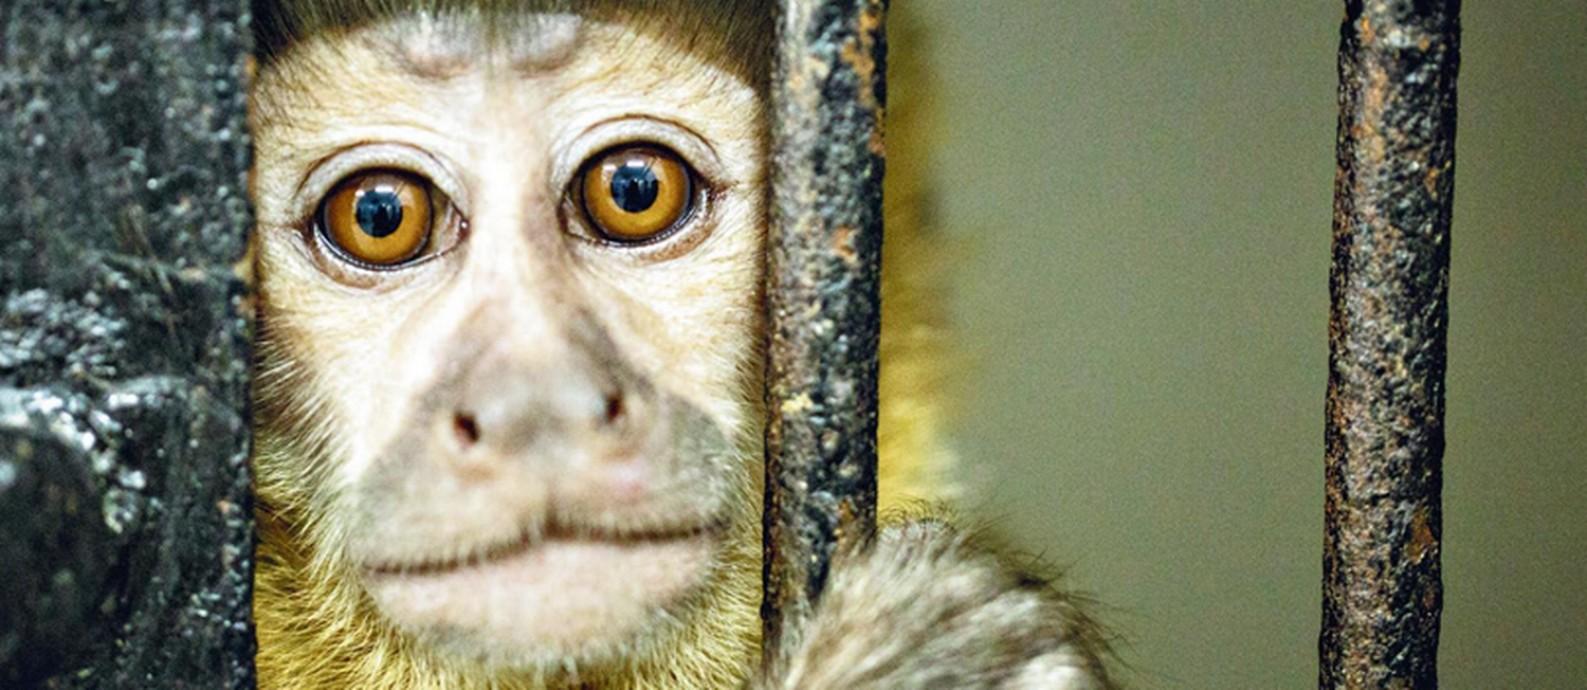 Macaco ferido que foi levado para um centro de reabilitação veterinária da Universidade Estácio de Sá Foto: Brenno Carvalho